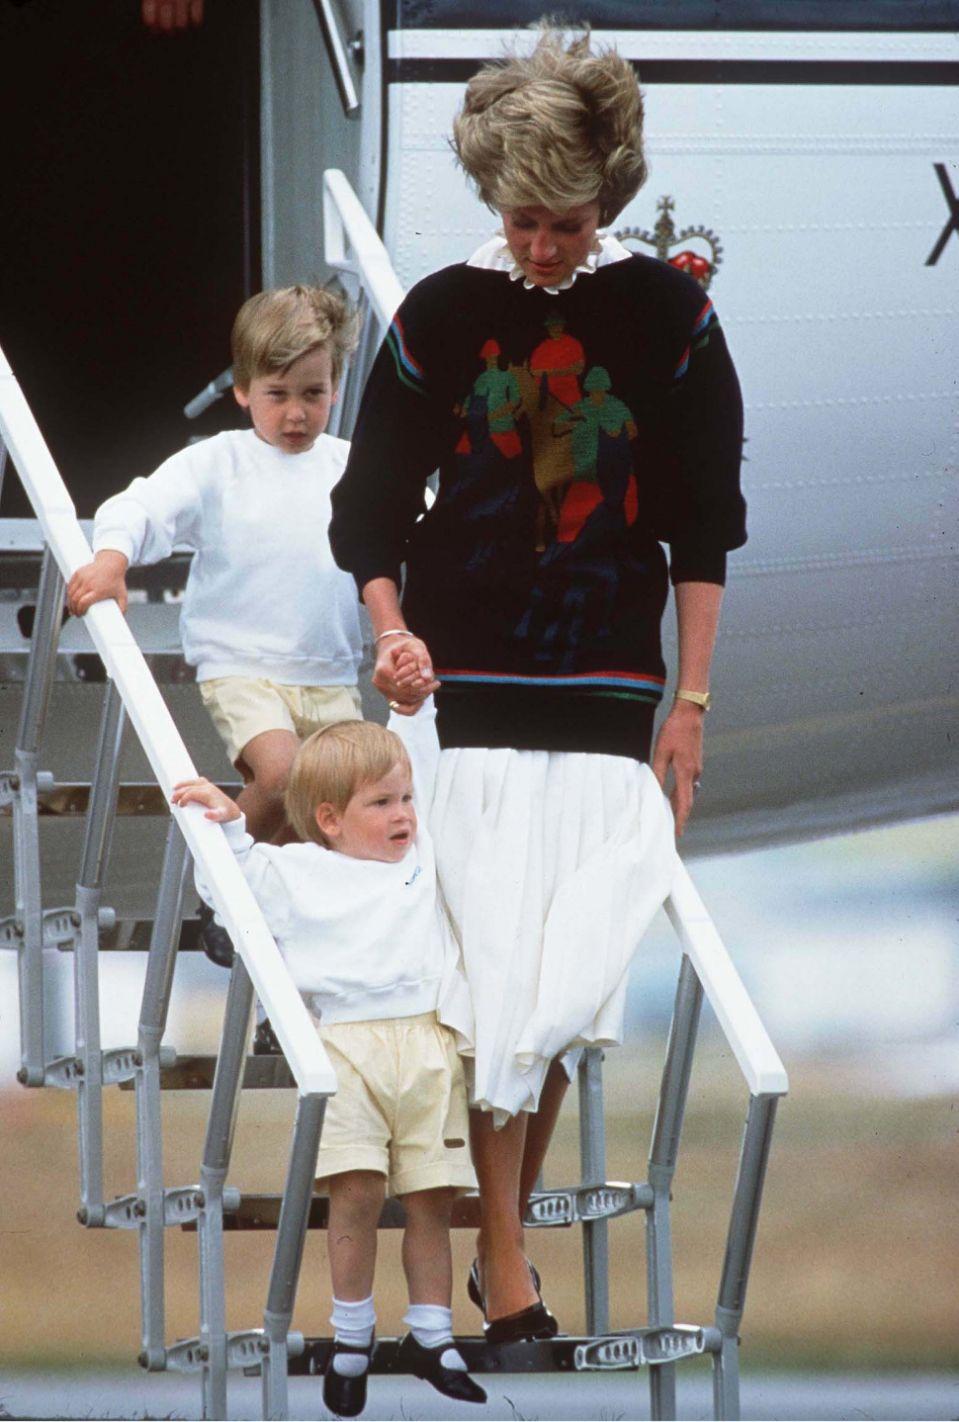 Mặc quần short cũng là luật mà bố và chú của cậu bé, Hoàng tử William và Harry, phải tuân theo khi còn nhỏ.